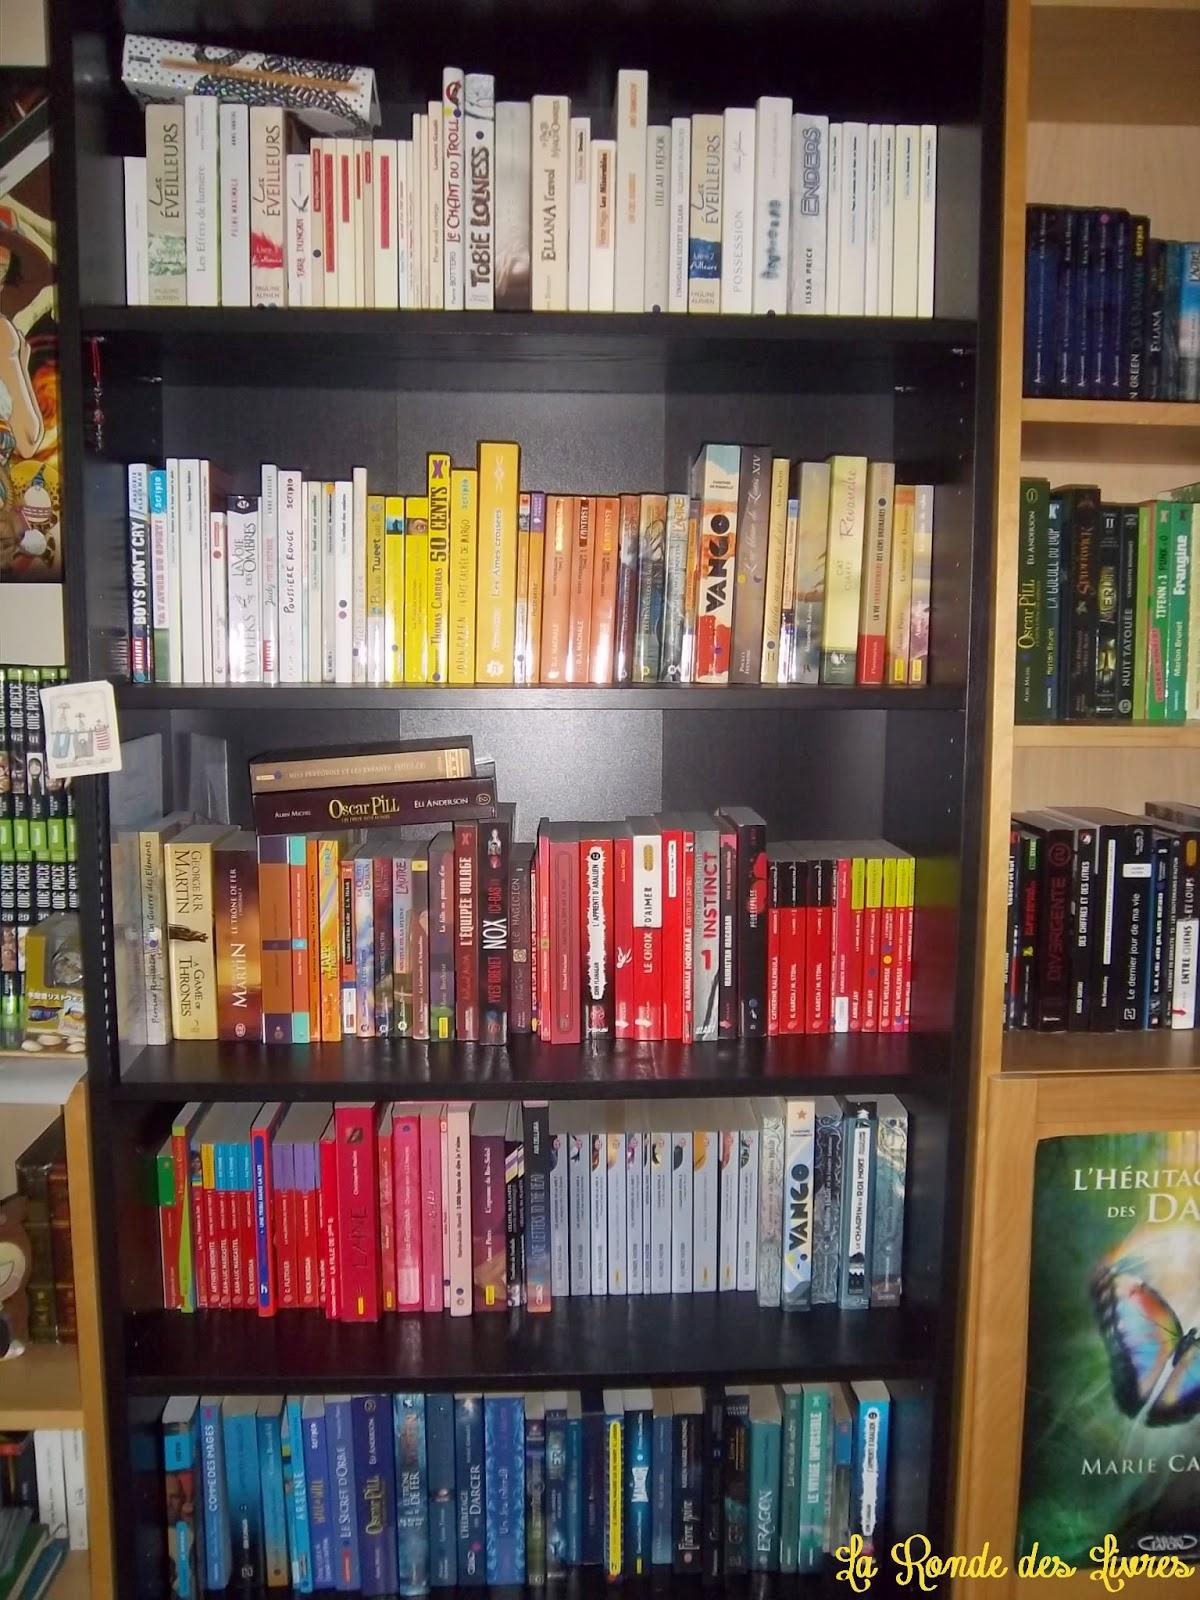 la ronde des livres les d fis pelucheux 3 biblioth que en couleur. Black Bedroom Furniture Sets. Home Design Ideas